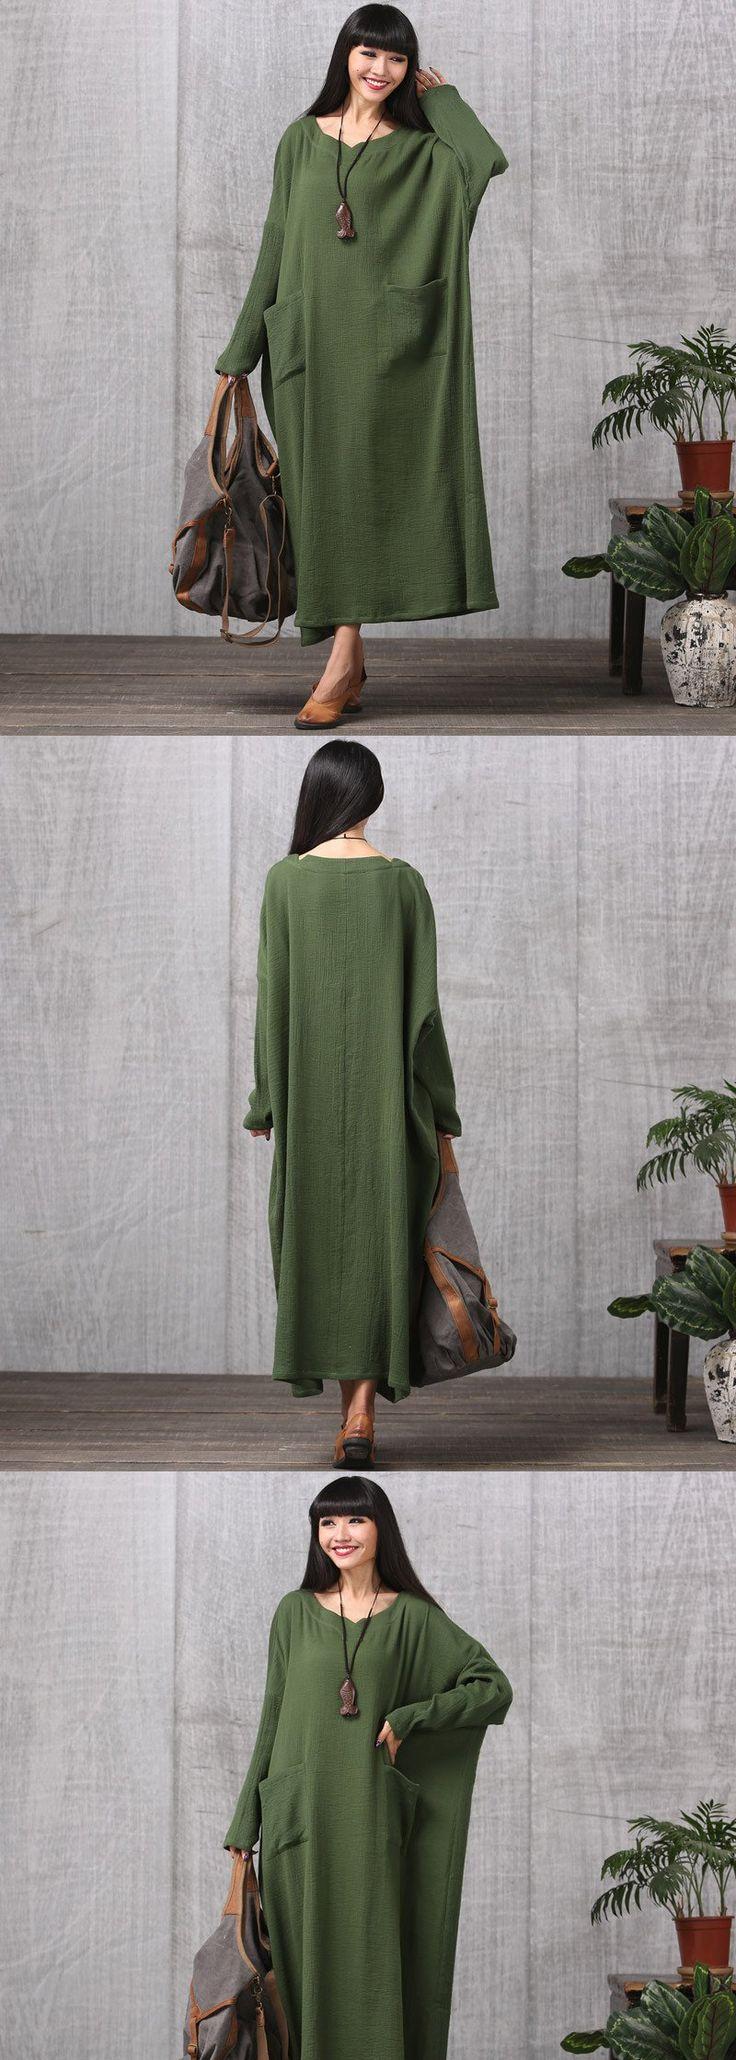 Plus Size Cotton Linen Casual Long Sleeve Autumn Dress $79.00